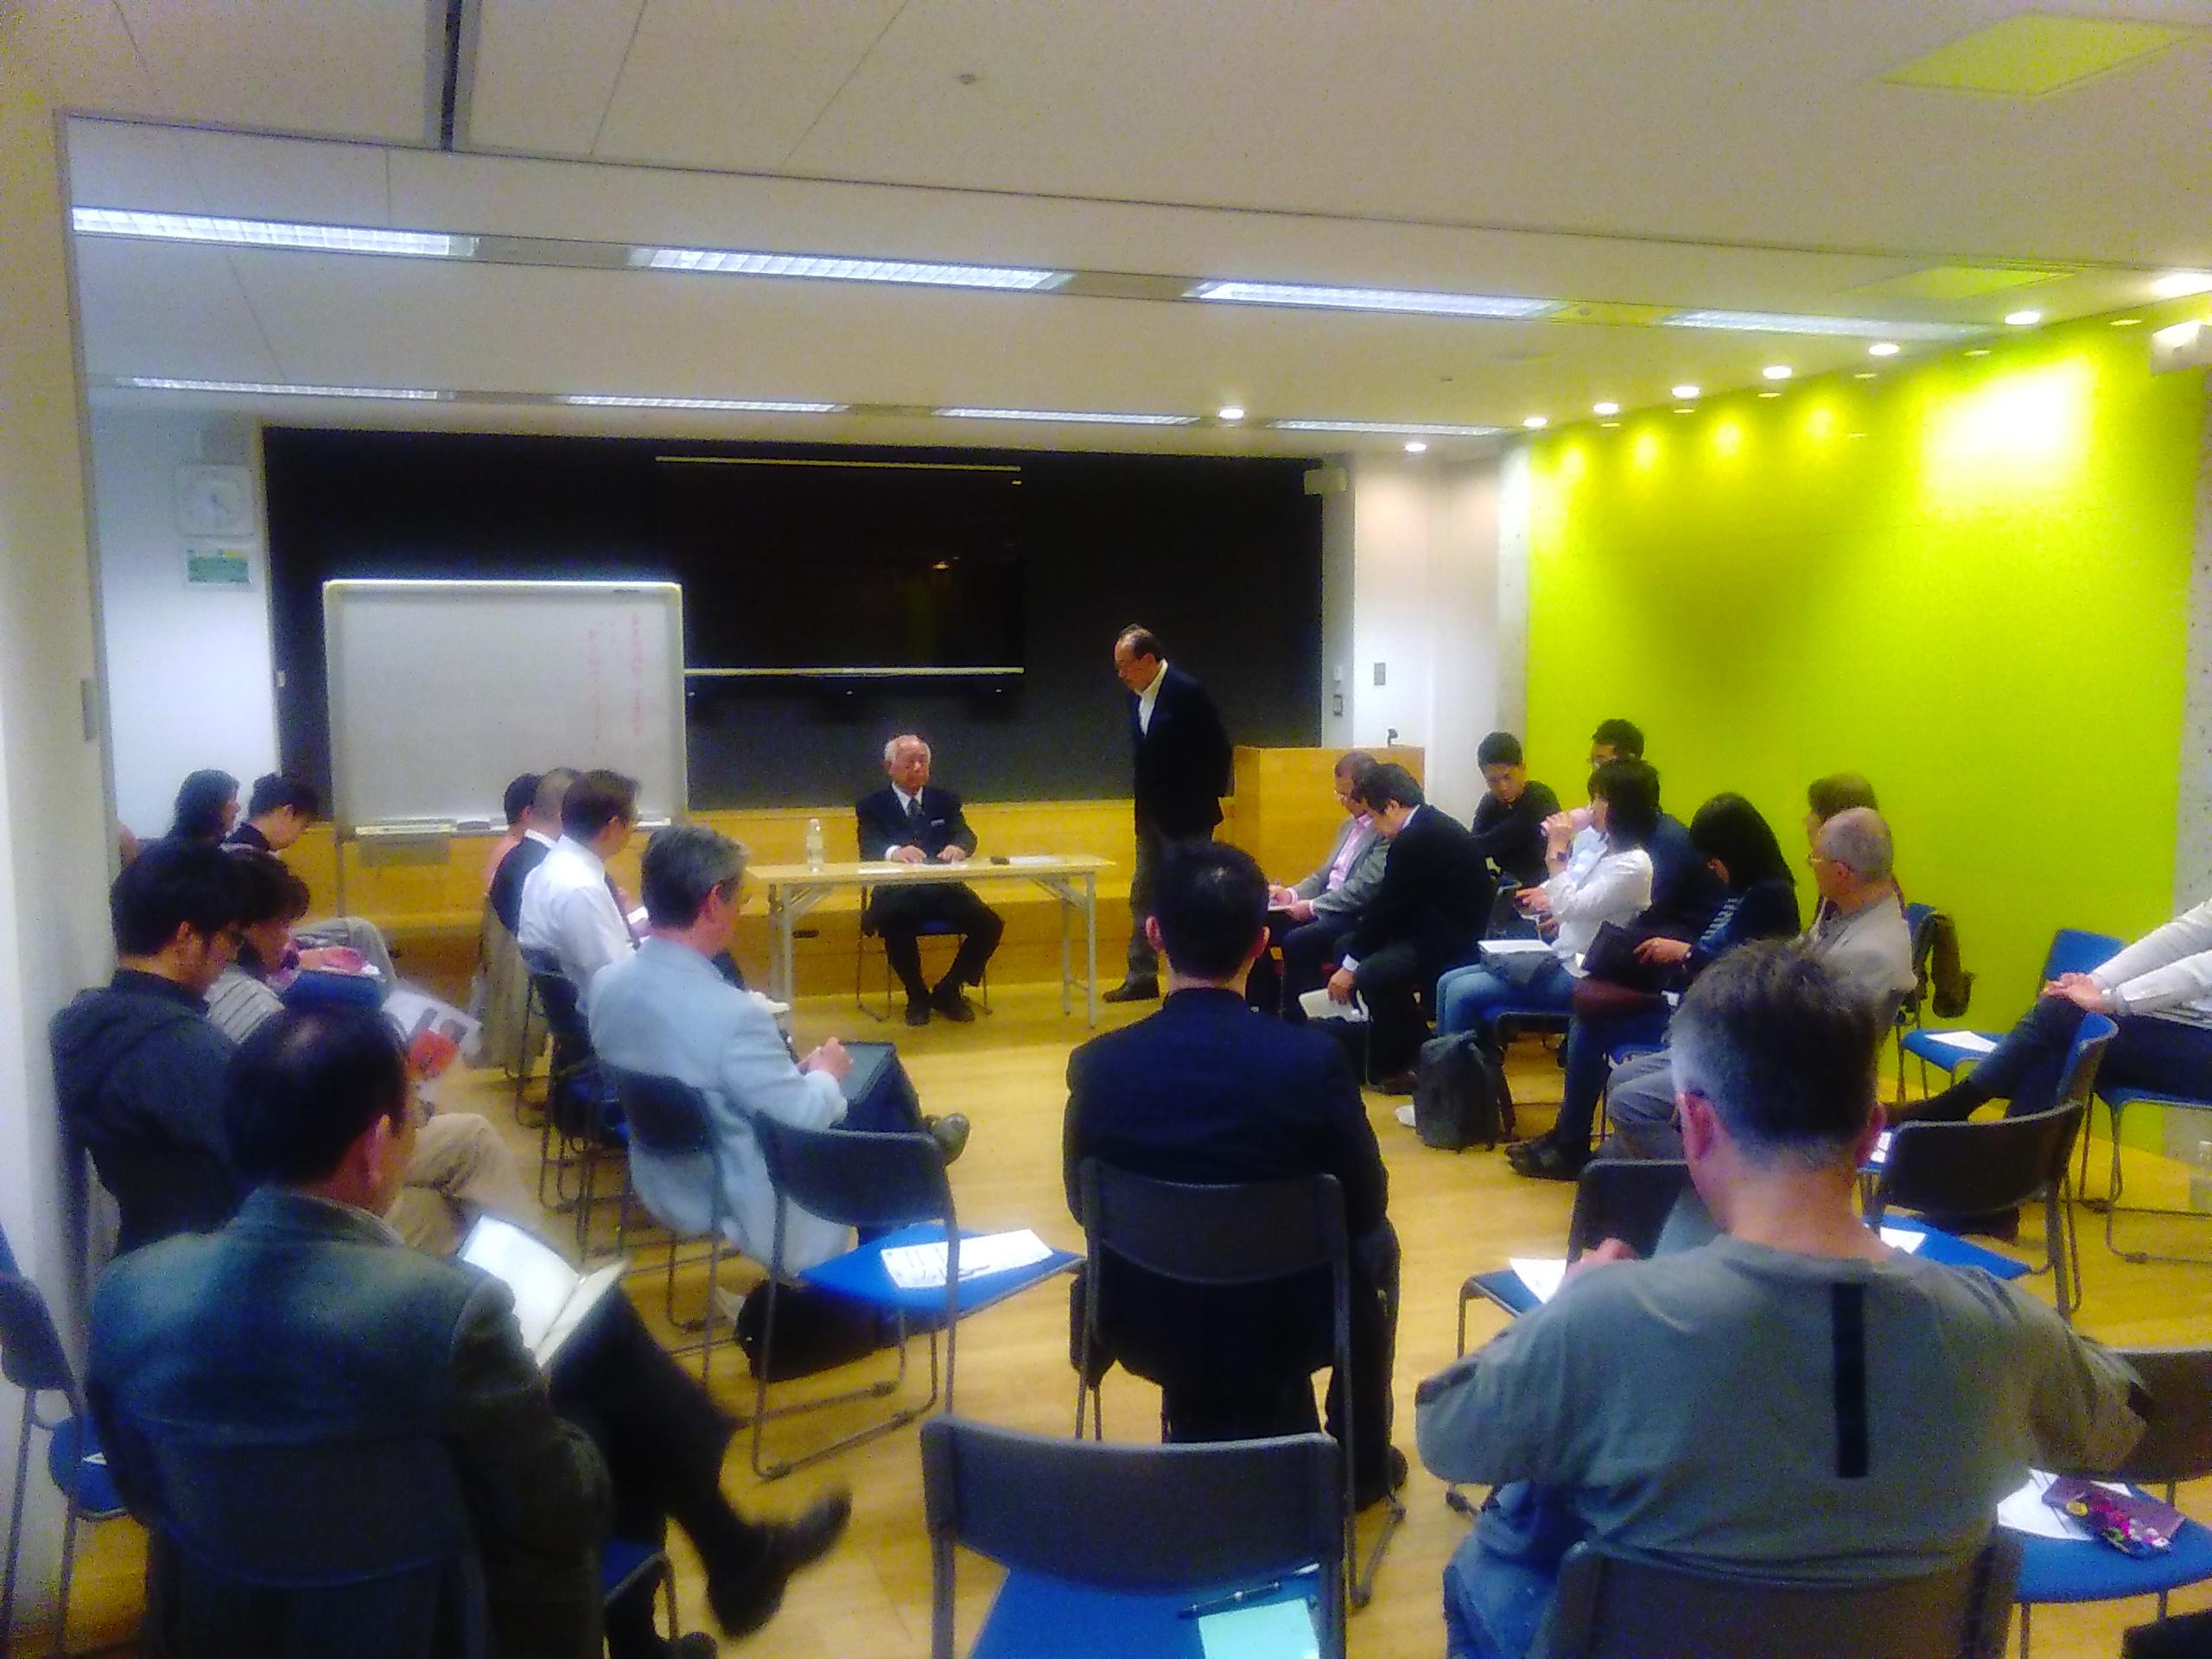 KIMG1140 - 第2回東京思風塾「新しい御代をいかに生きるか」をテーマに開催